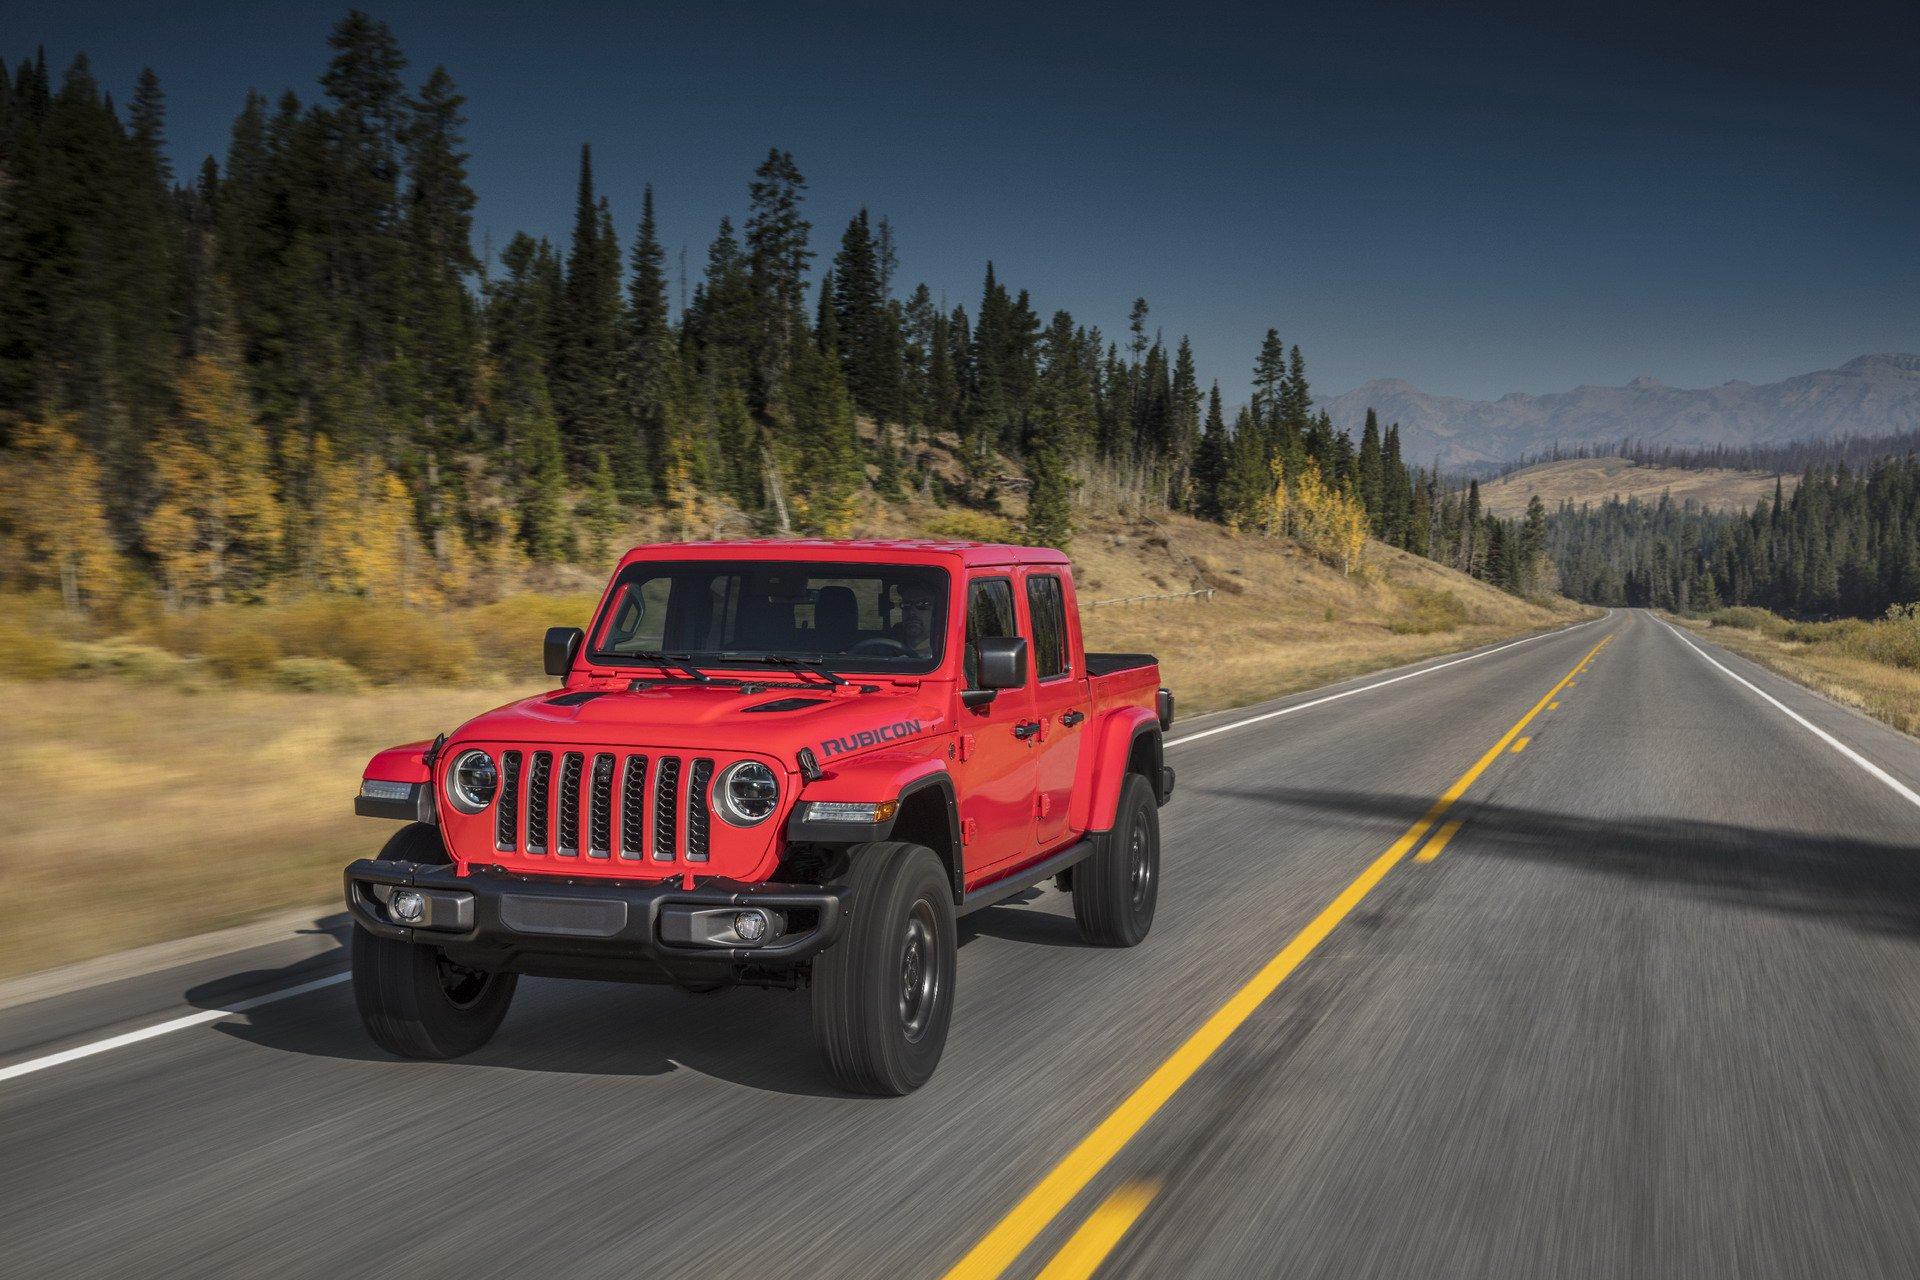 Jeep Gladiator 2019 (106)